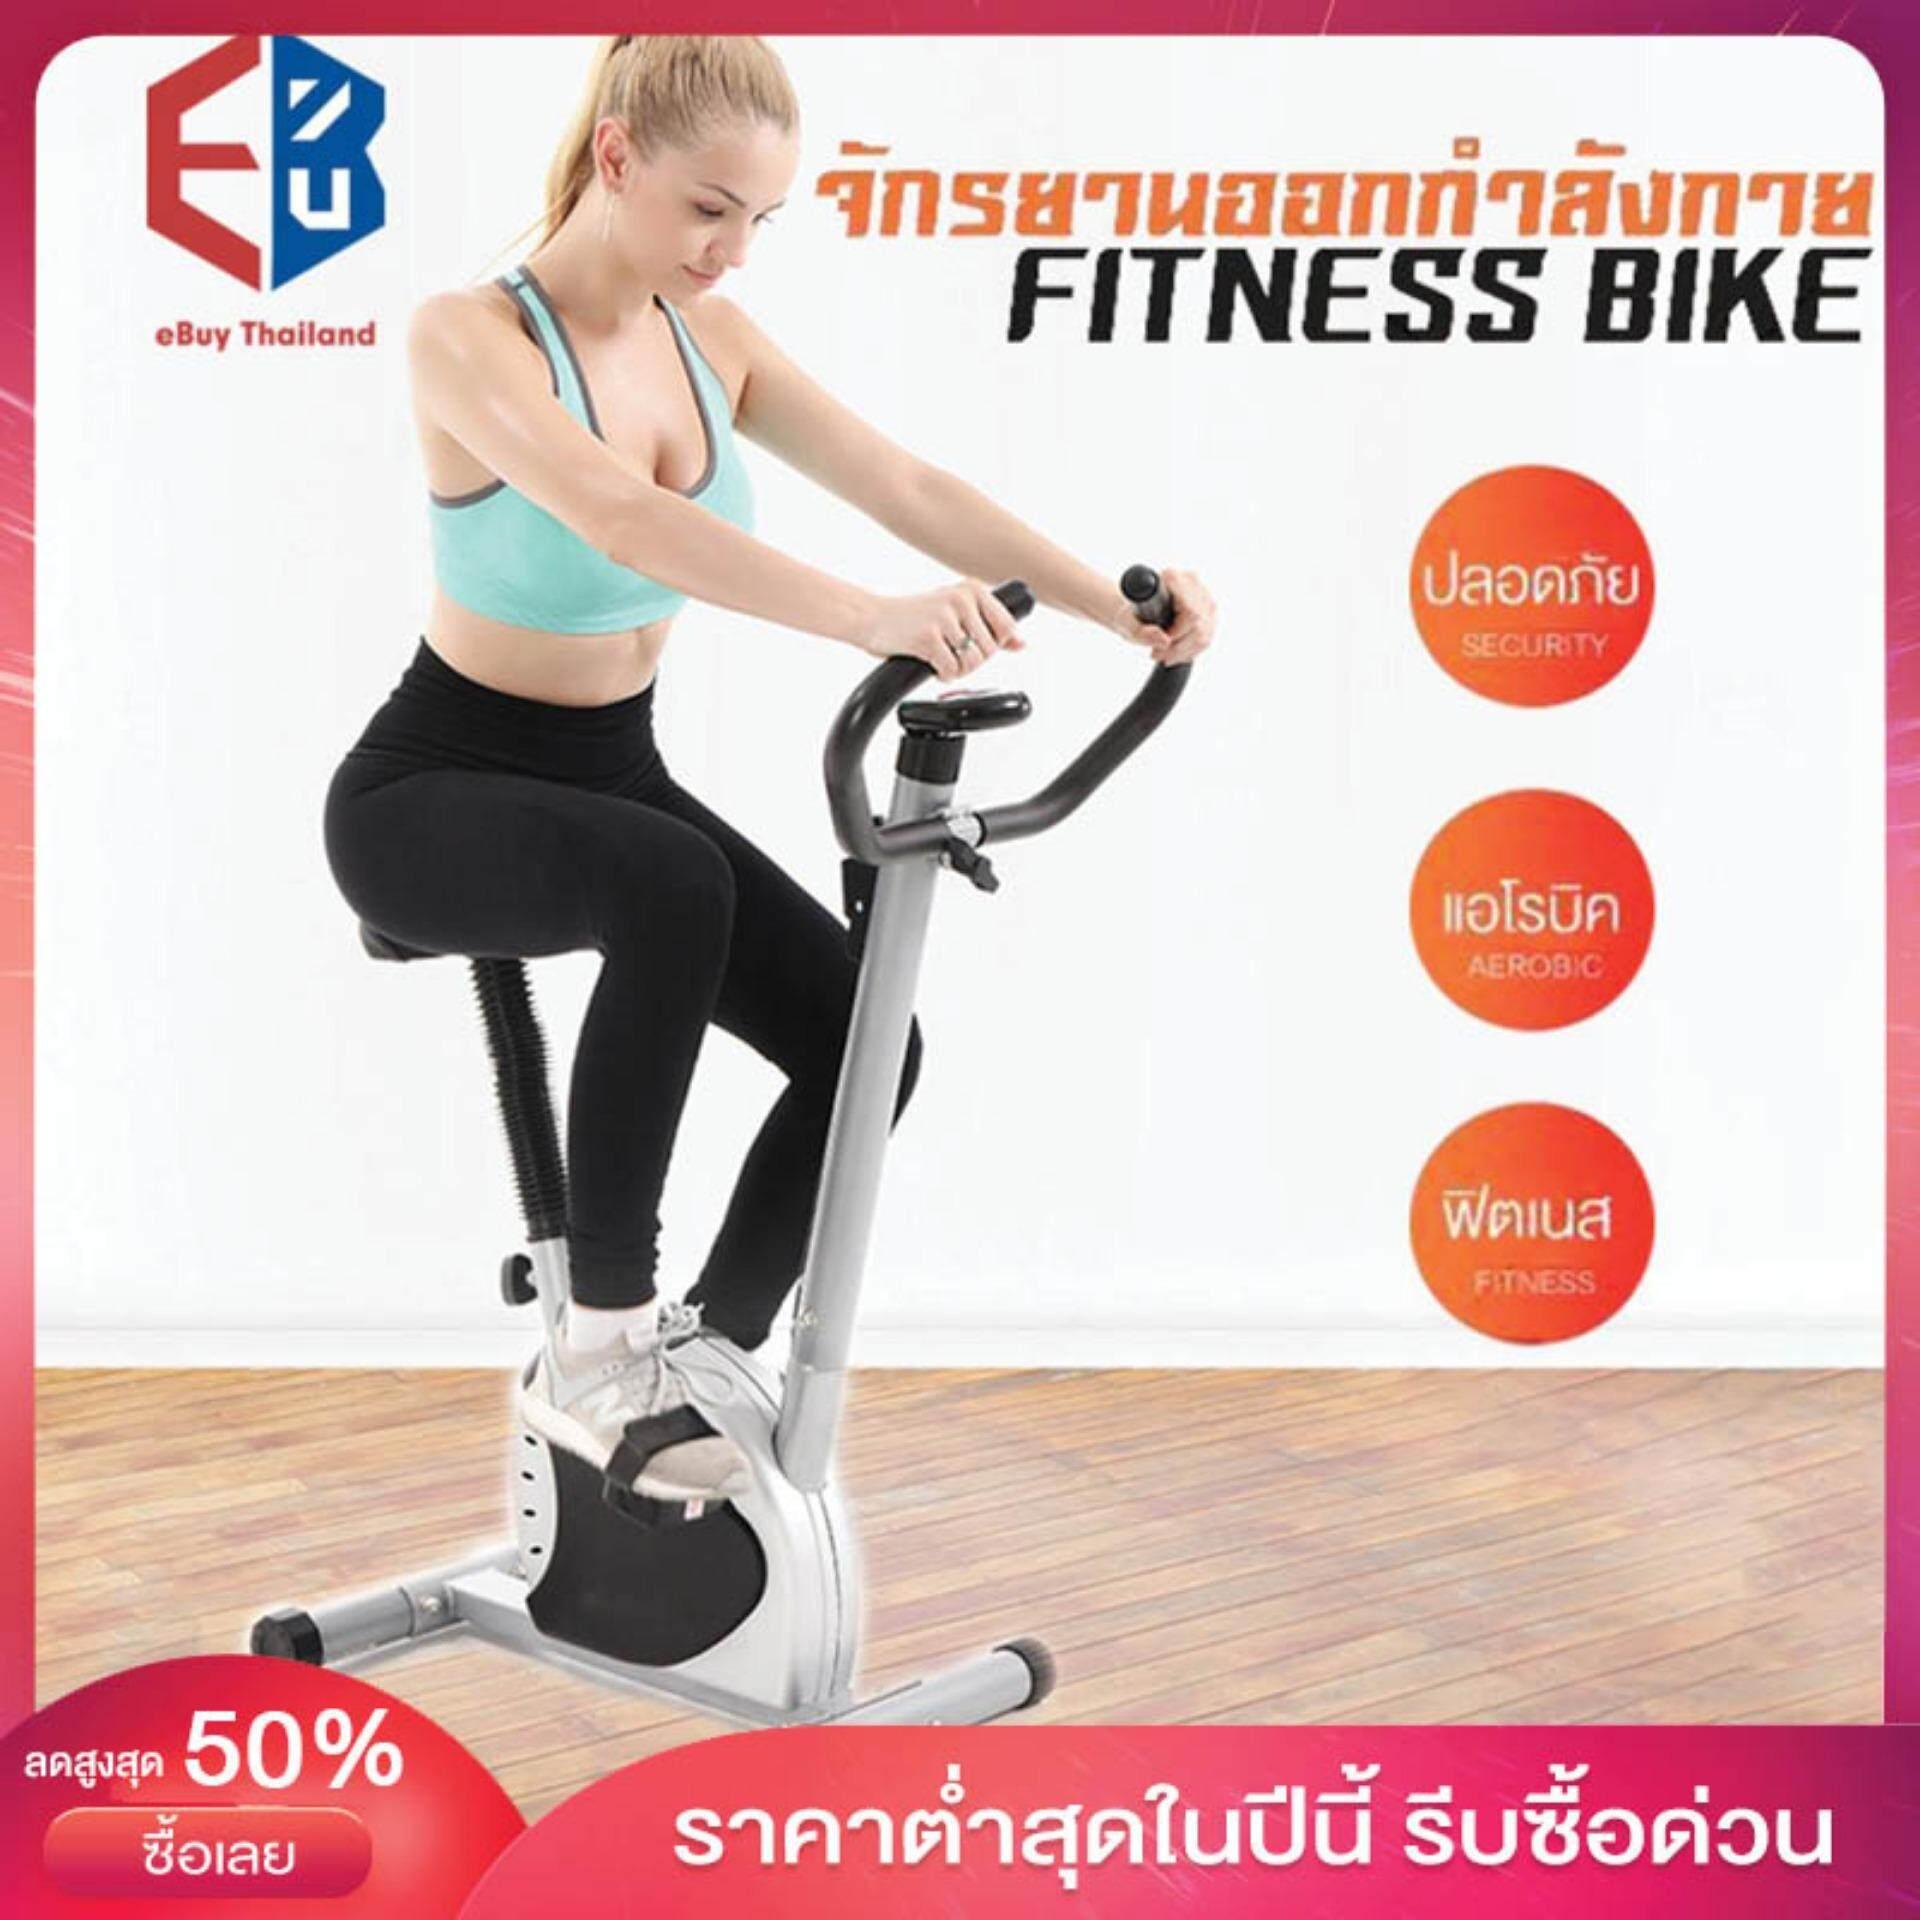 แบบไหนดี จักรยานออกกำลังกาย Exercise Bike จักรยานบริหาร Fitness จักรยานปั่นในบ้าน